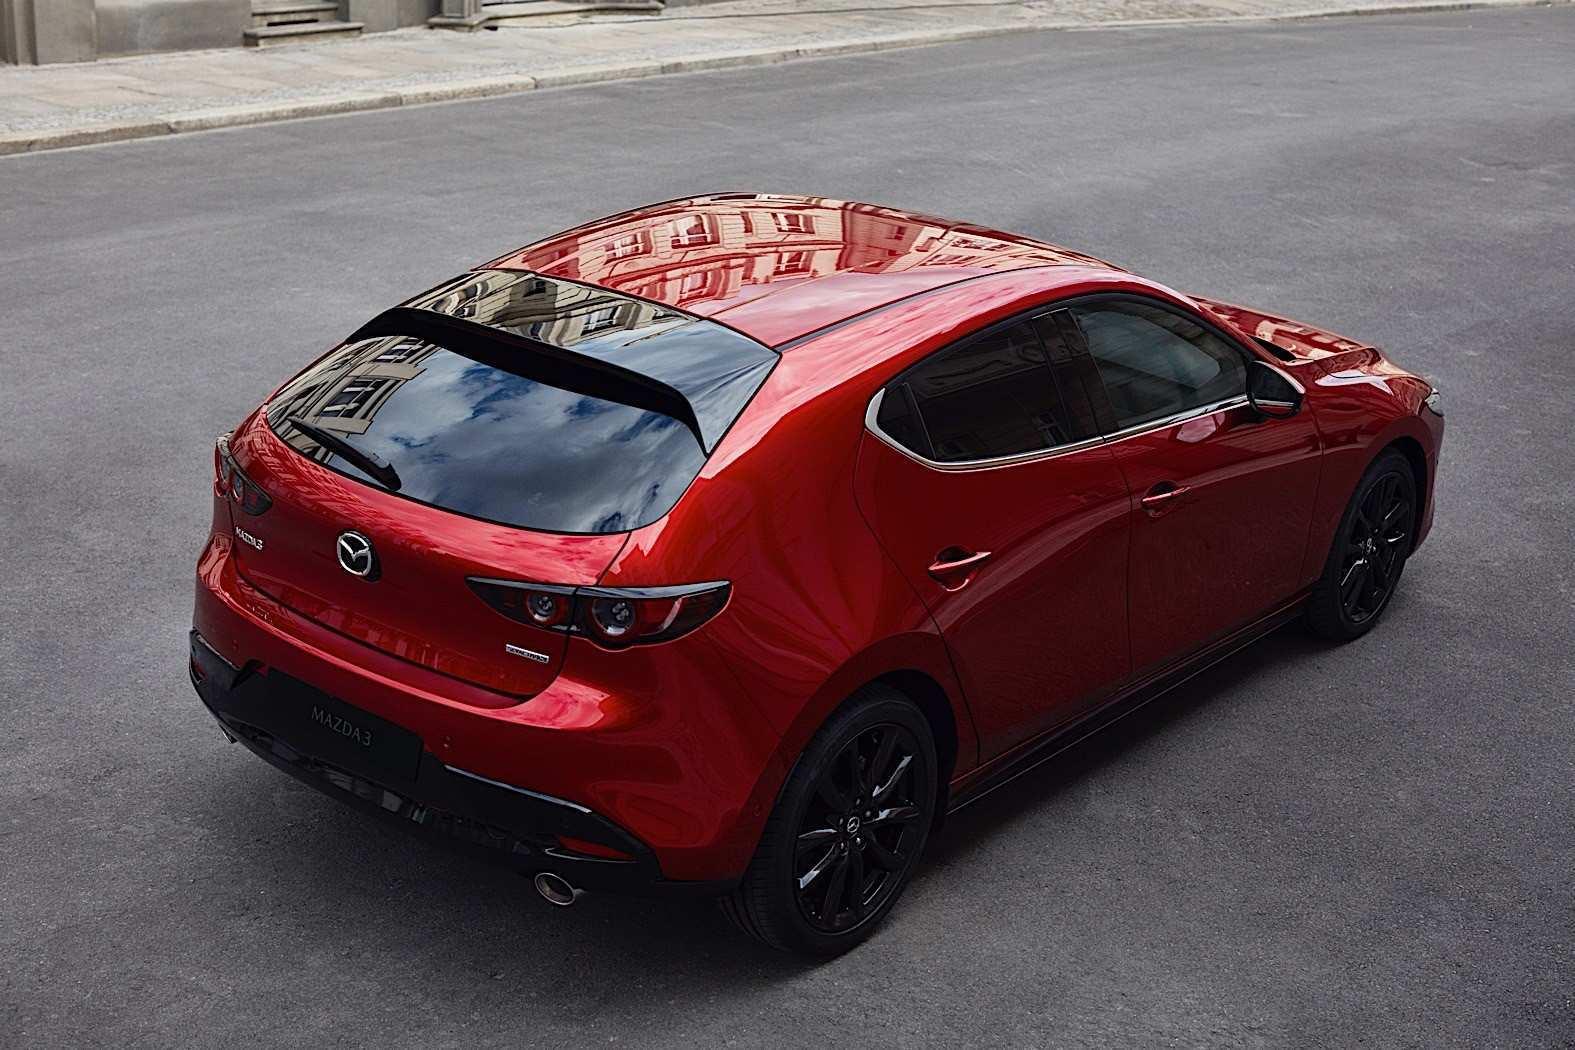 76 New Mazda Ev 2020 Spesification for Mazda Ev 2020